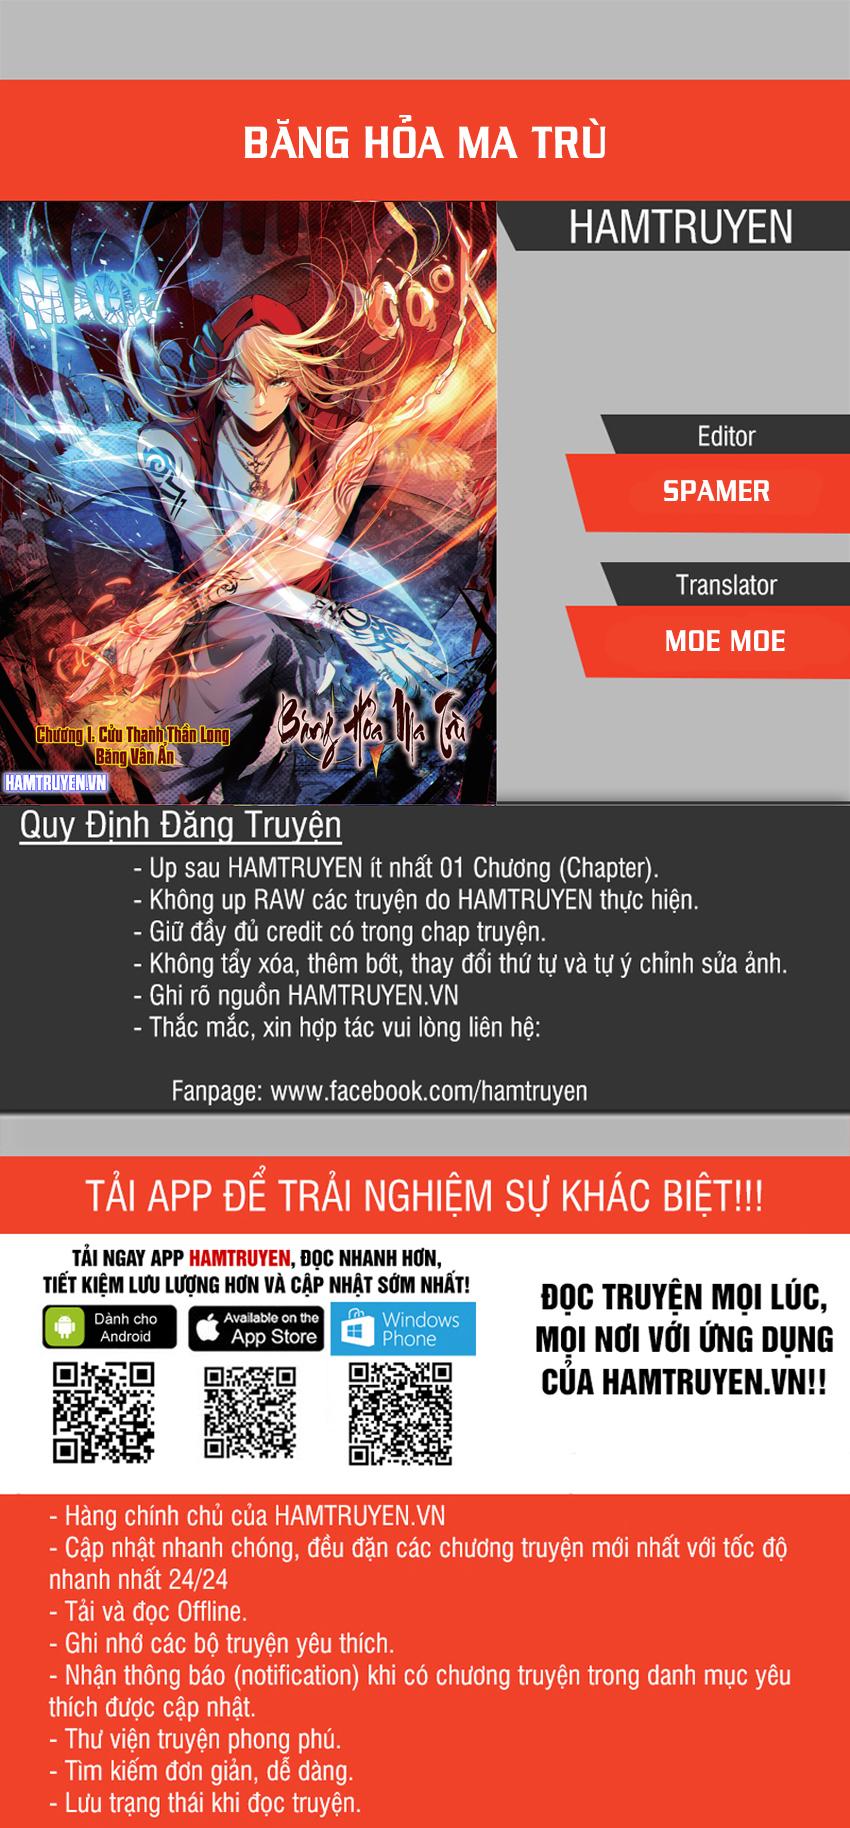 Băng Hỏa Ma Trù Chap 51 Upload bởi Truyentranhmoi.net